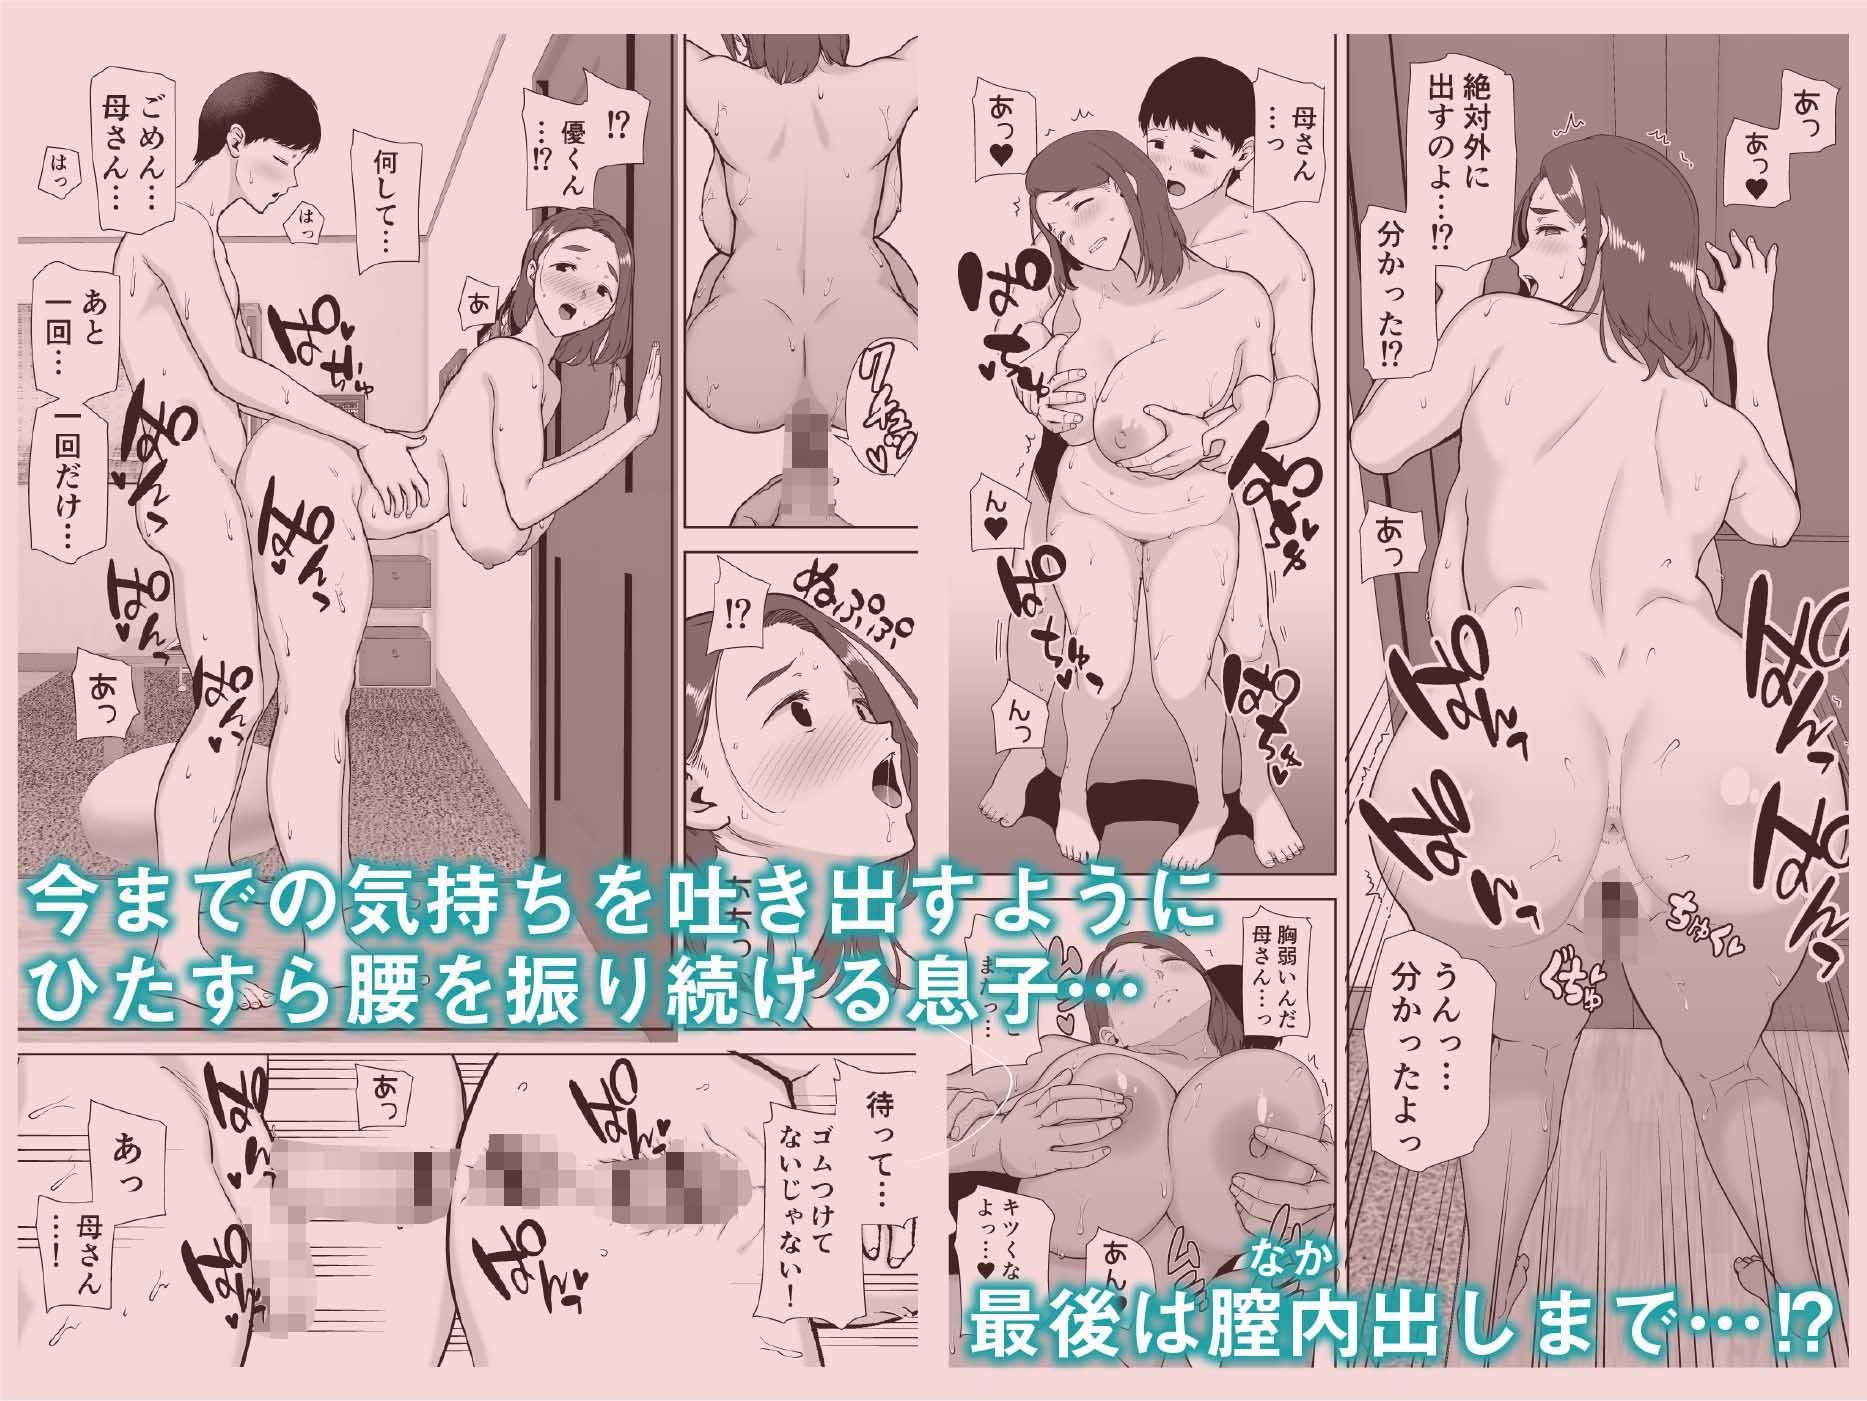 【エロ漫画】僕の母さんで、僕の好きな人。 実母×息子のイチャラブ♡「サークル:母印堂」【同人誌・コミック】#4